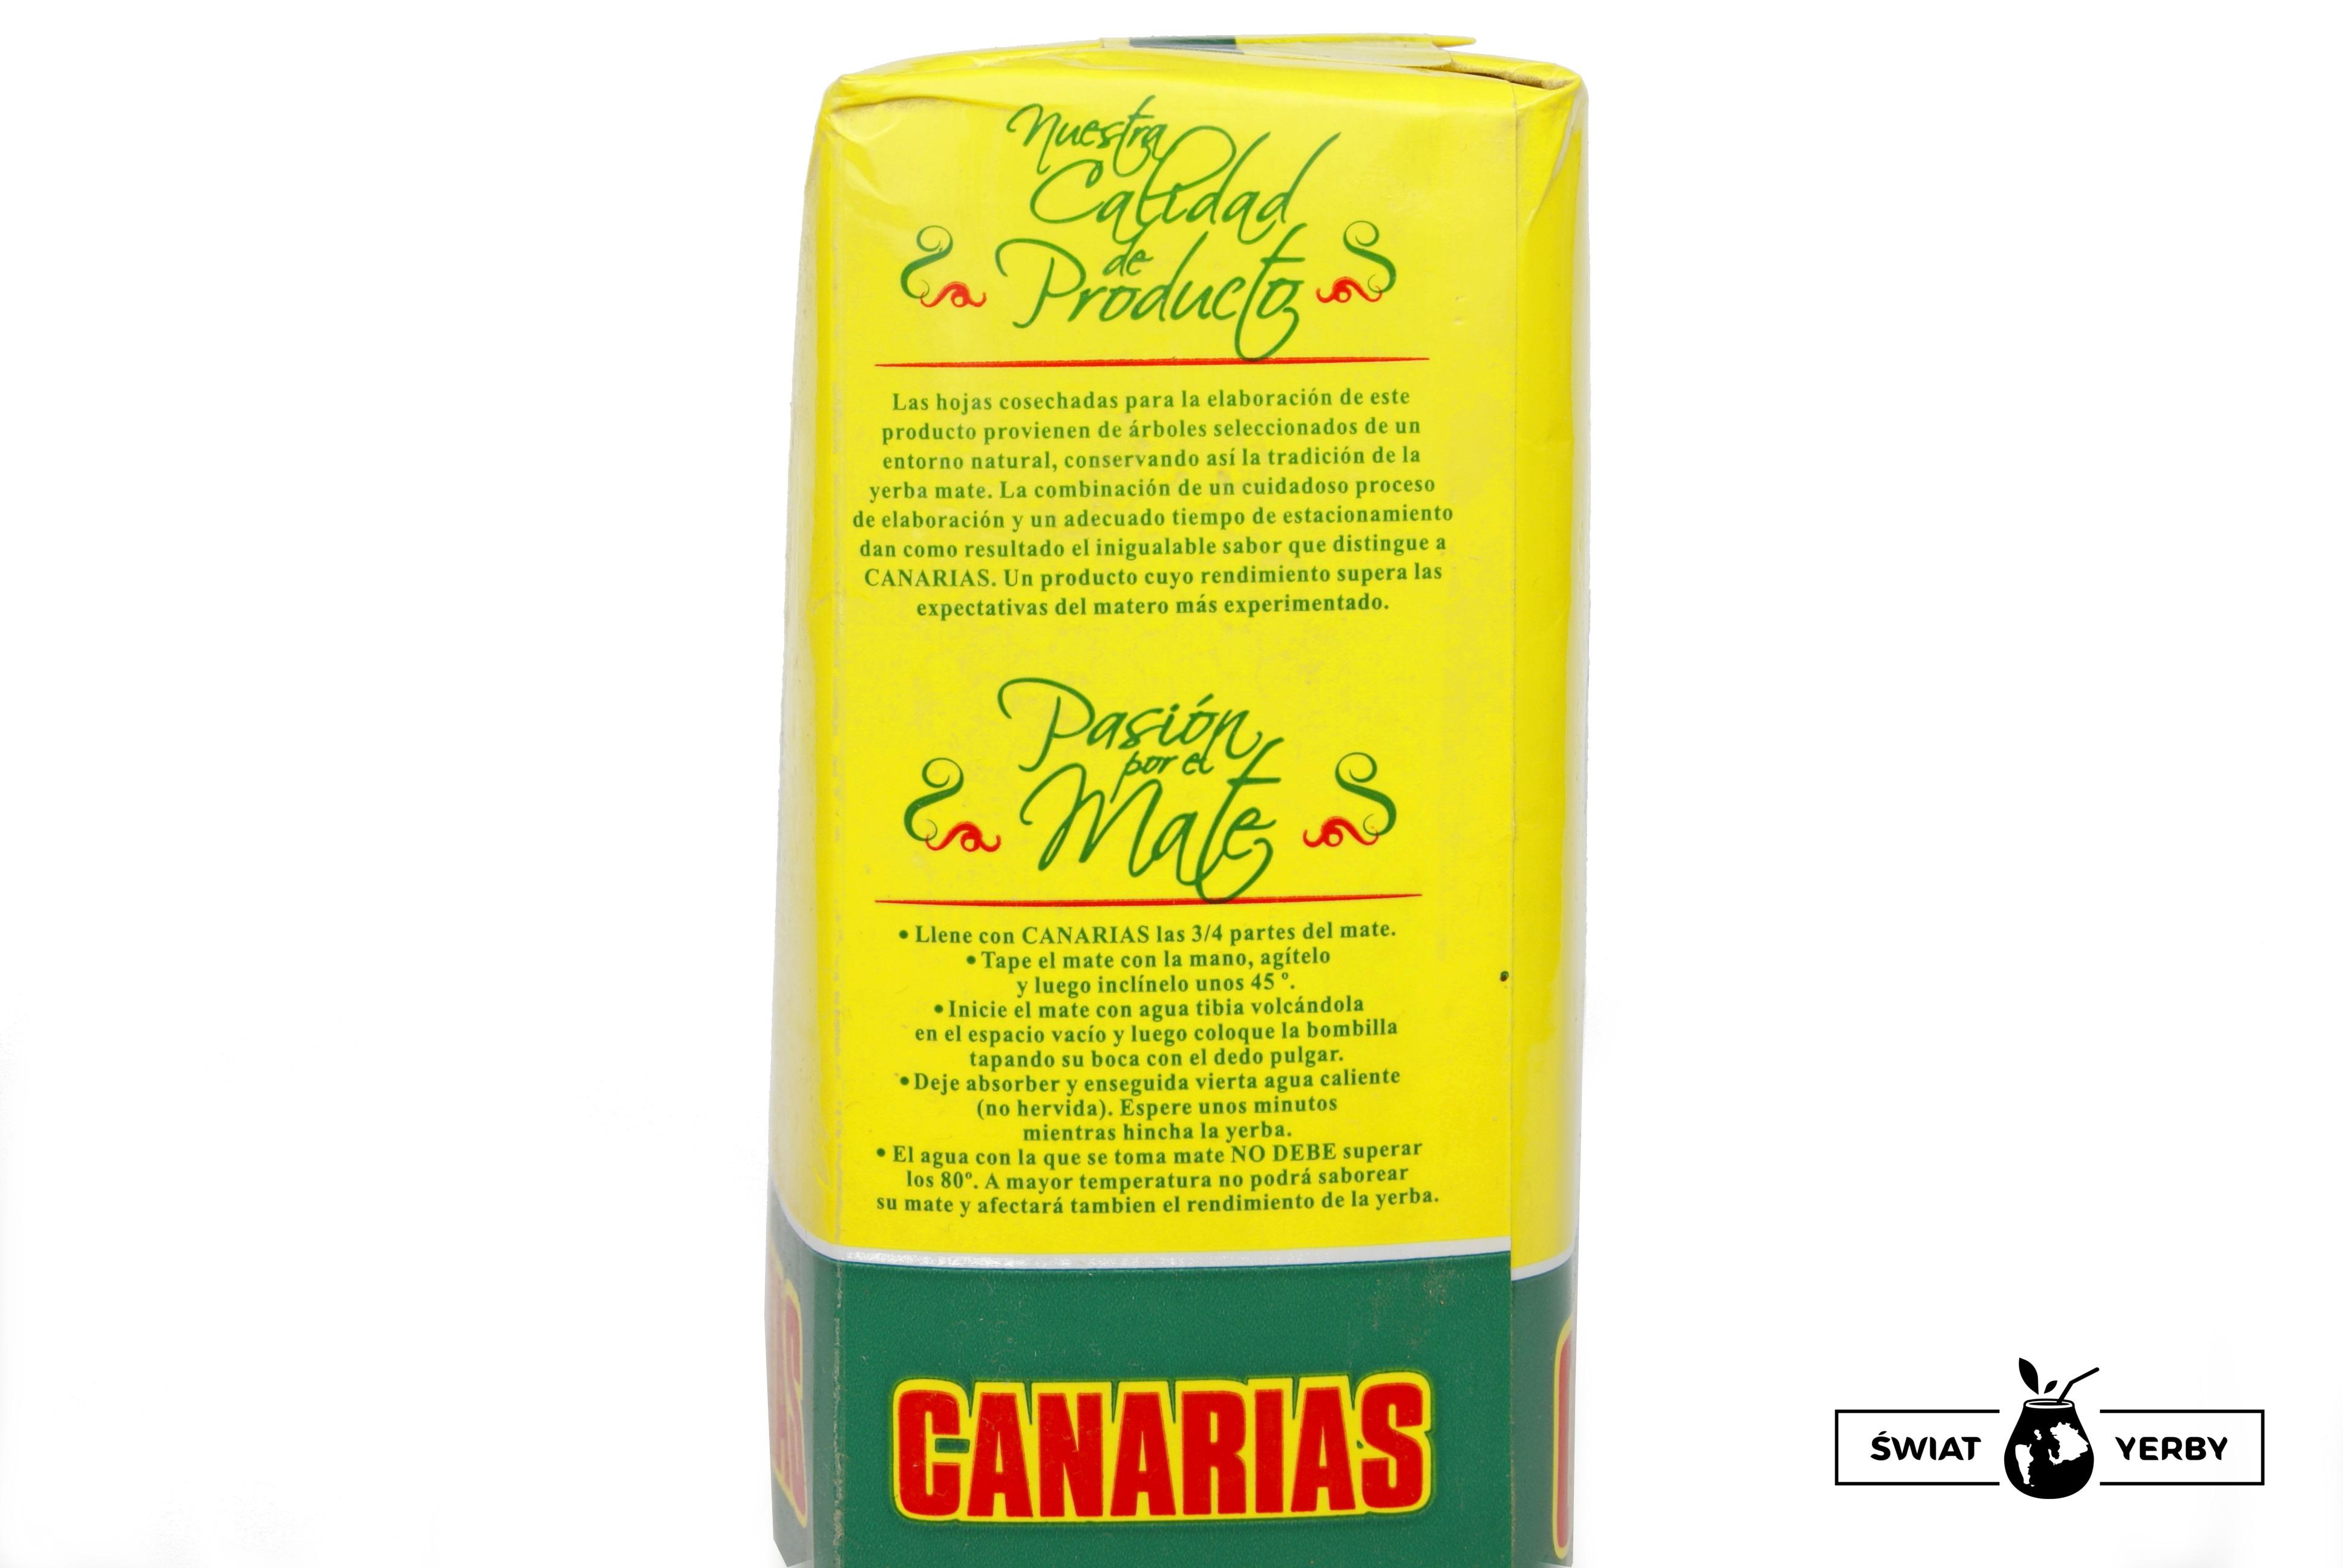 Canarias propozycja przygotowania